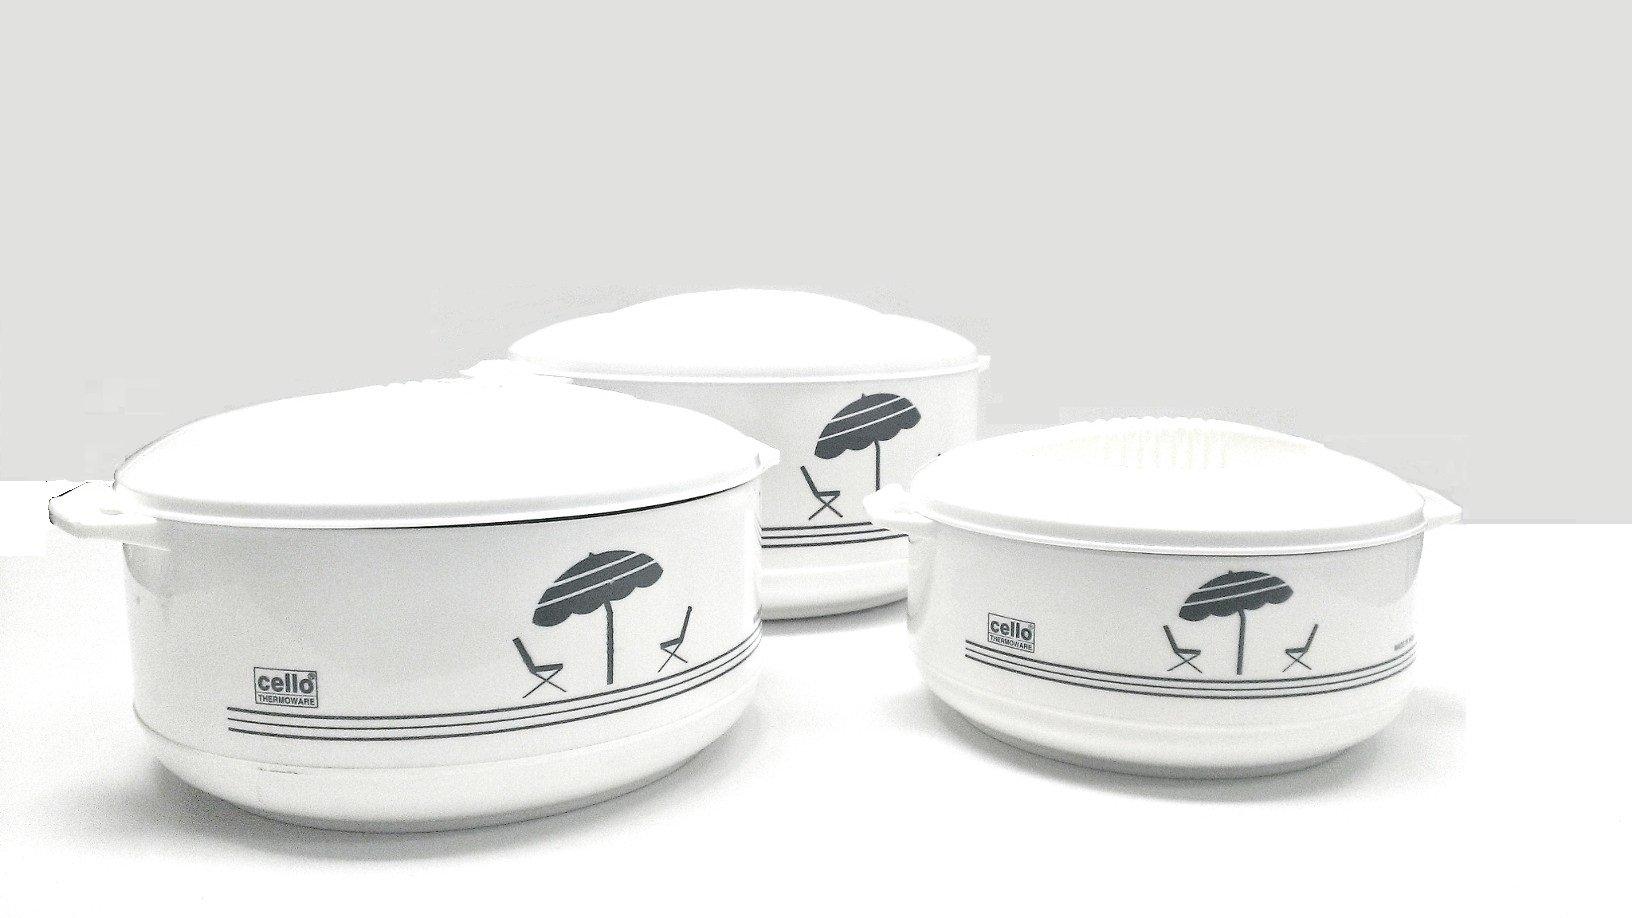 Cello Super3 3-Piece Hot Pot Insulated Casserole Hot Pack Food Warmer Gift Set